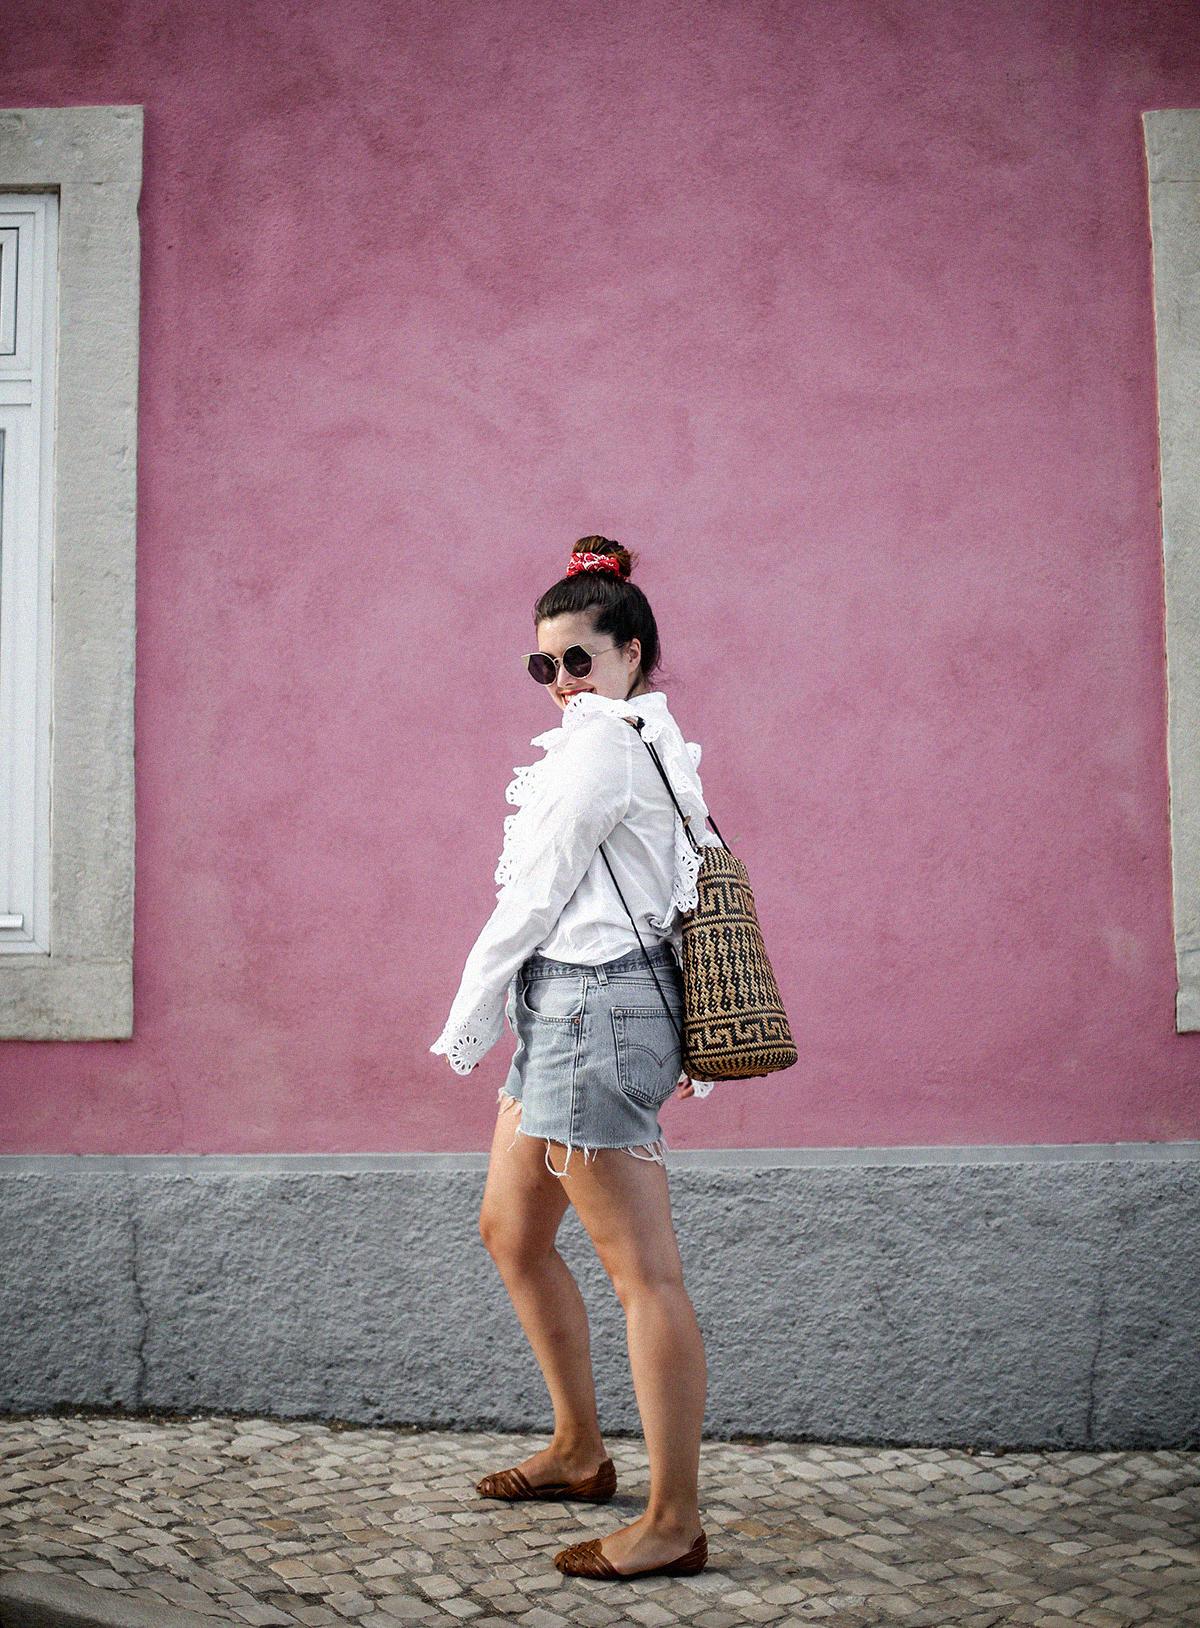 pañuelo-cabe-zacamisa-volantes-shorts-levis-outfit-myblueberrynighsblog-lisboa2